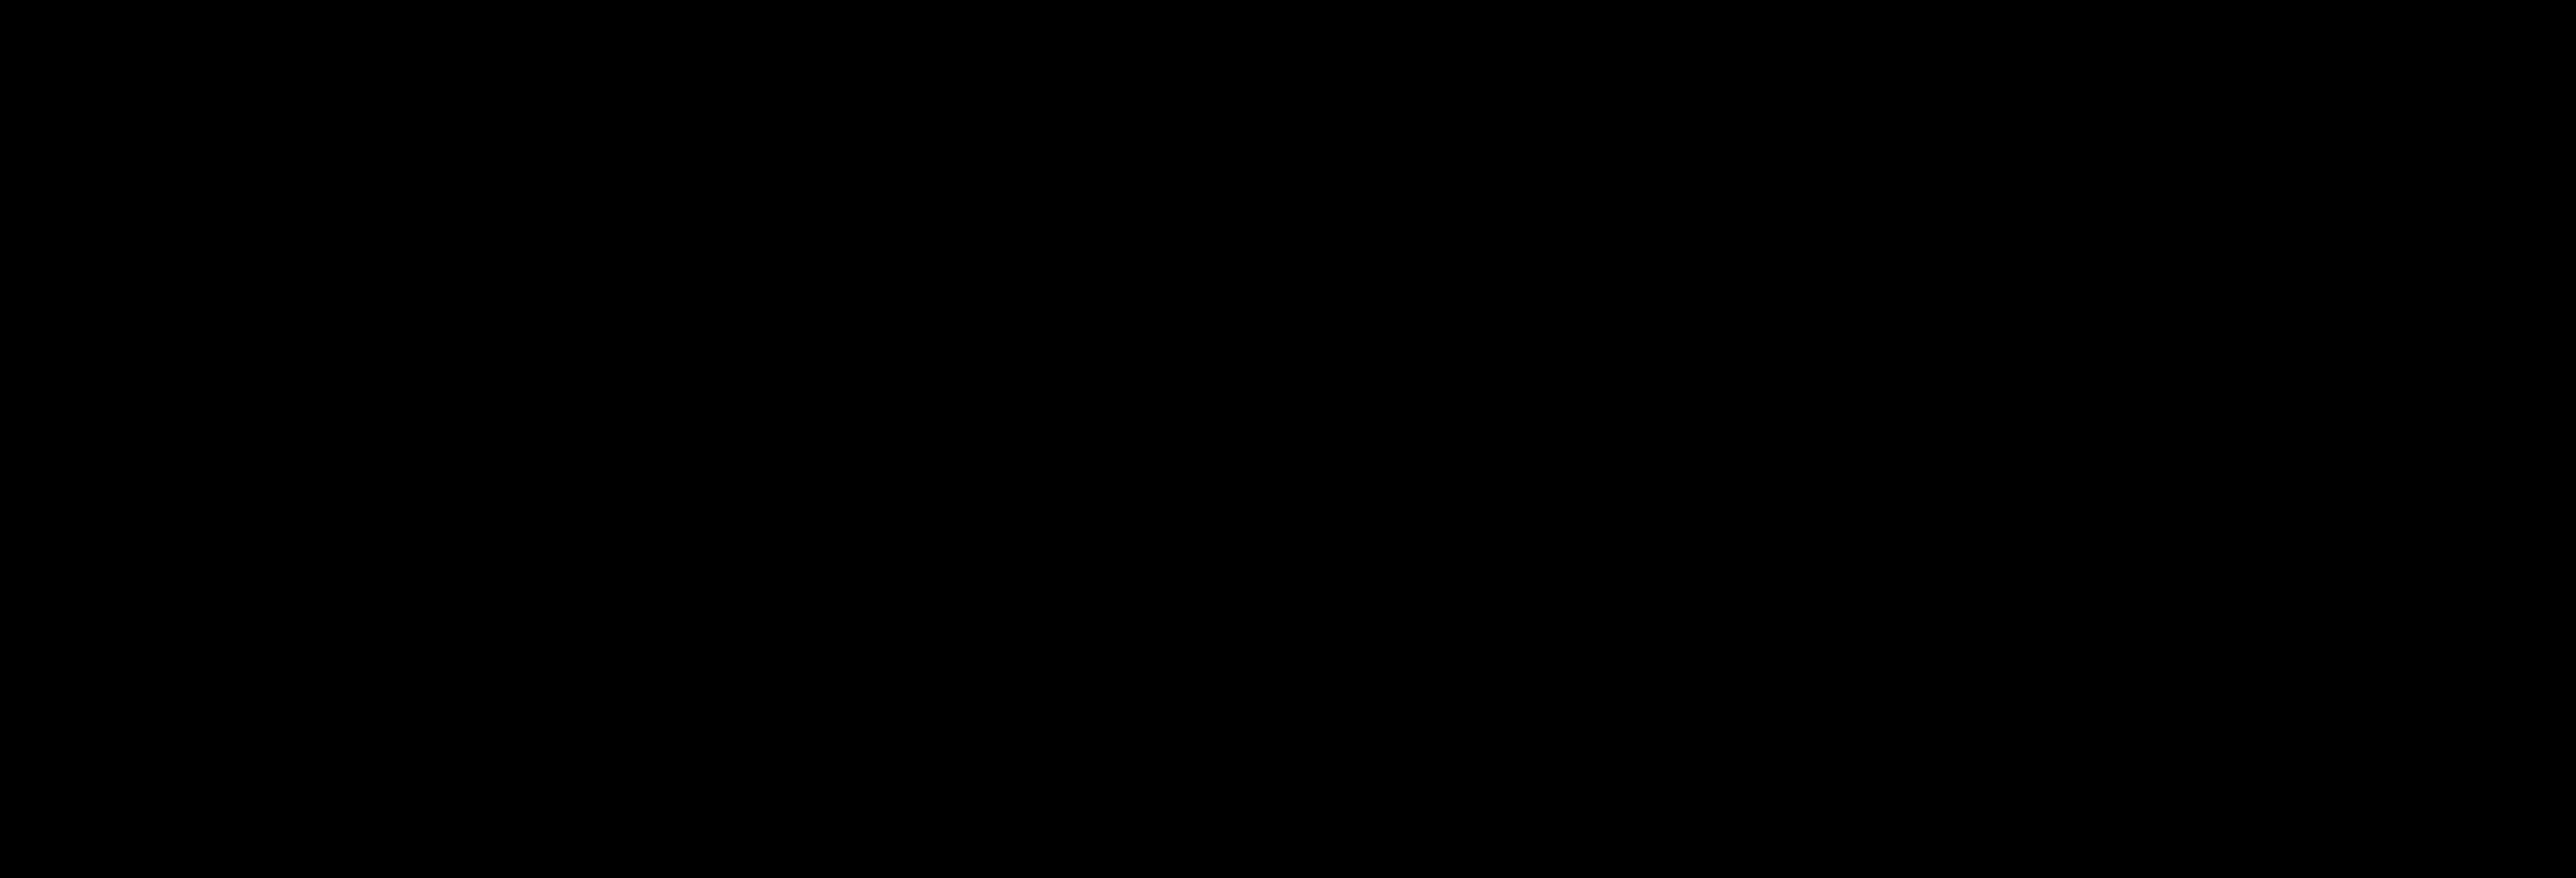 Excursión privada desde Cartagena de Indias